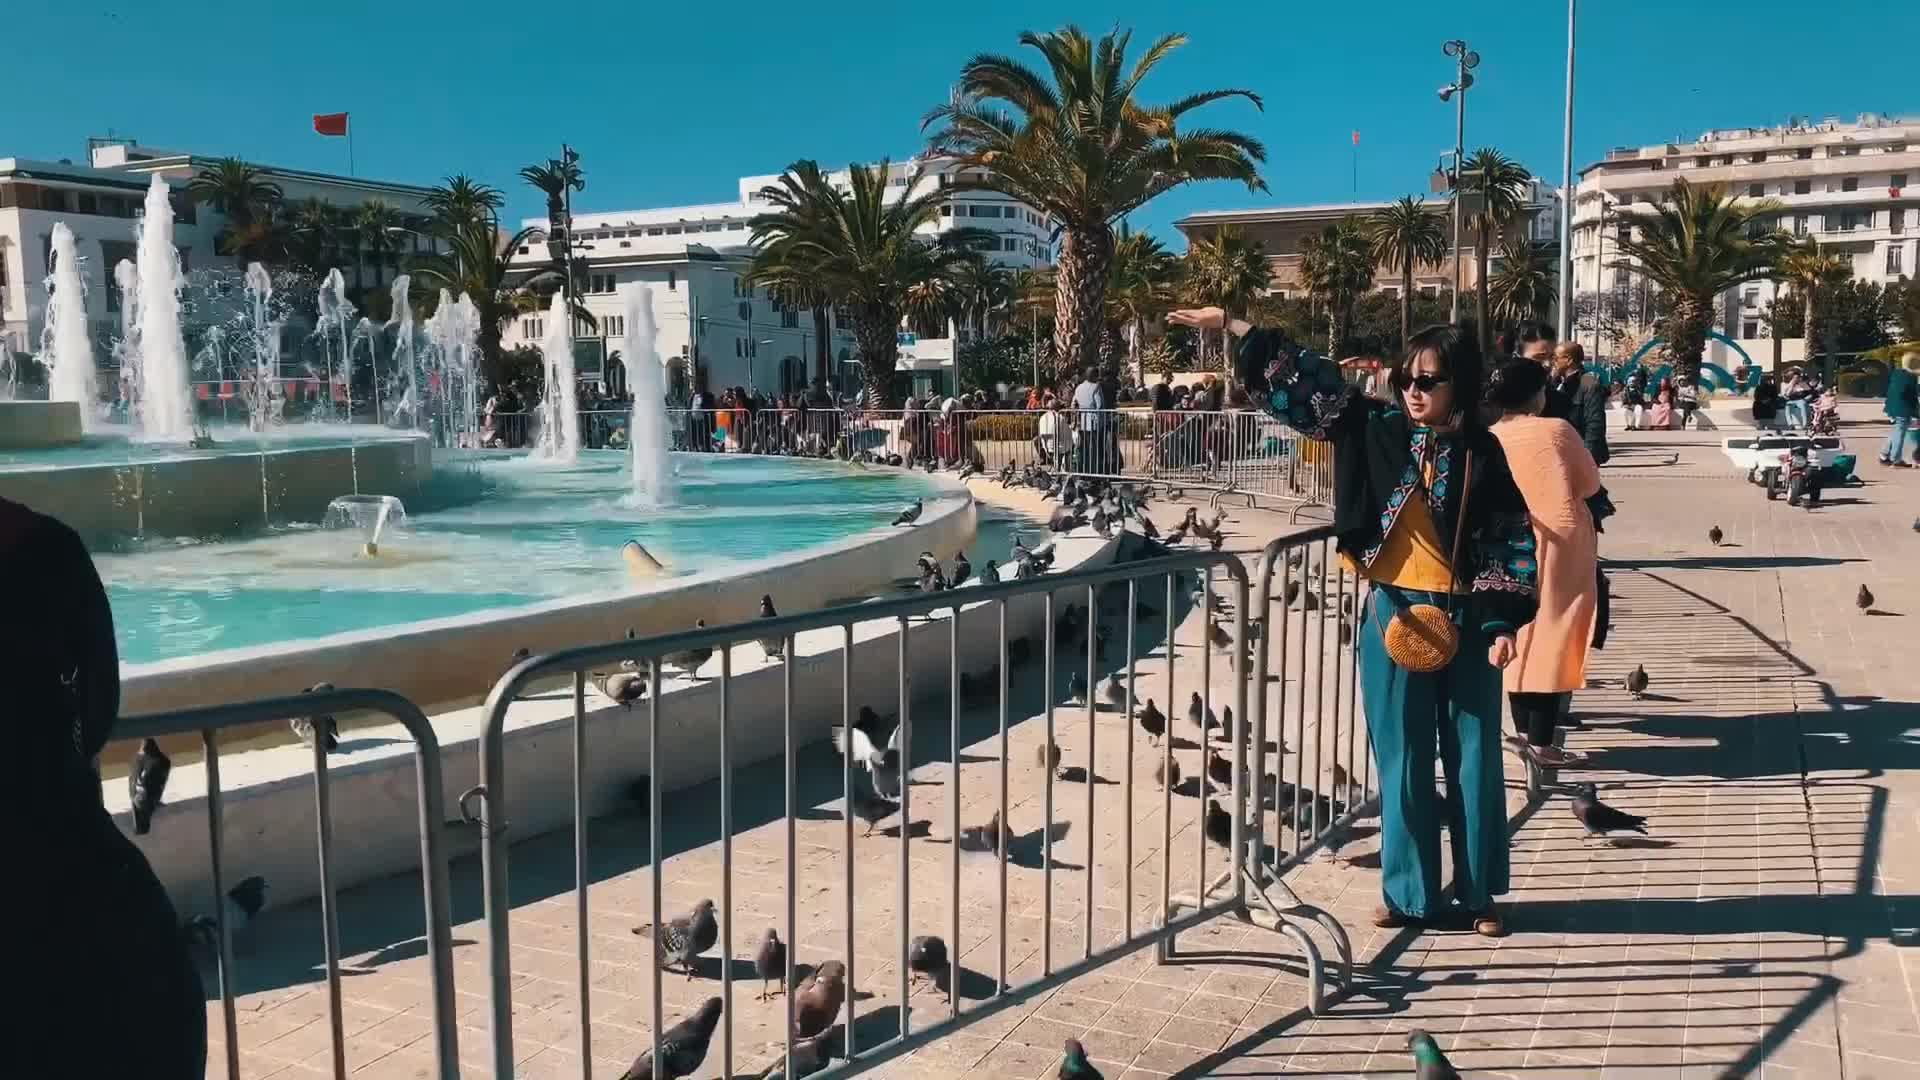 我们来到卡萨布兰卡鸽子广场 而她是追逐鸽子的女子!